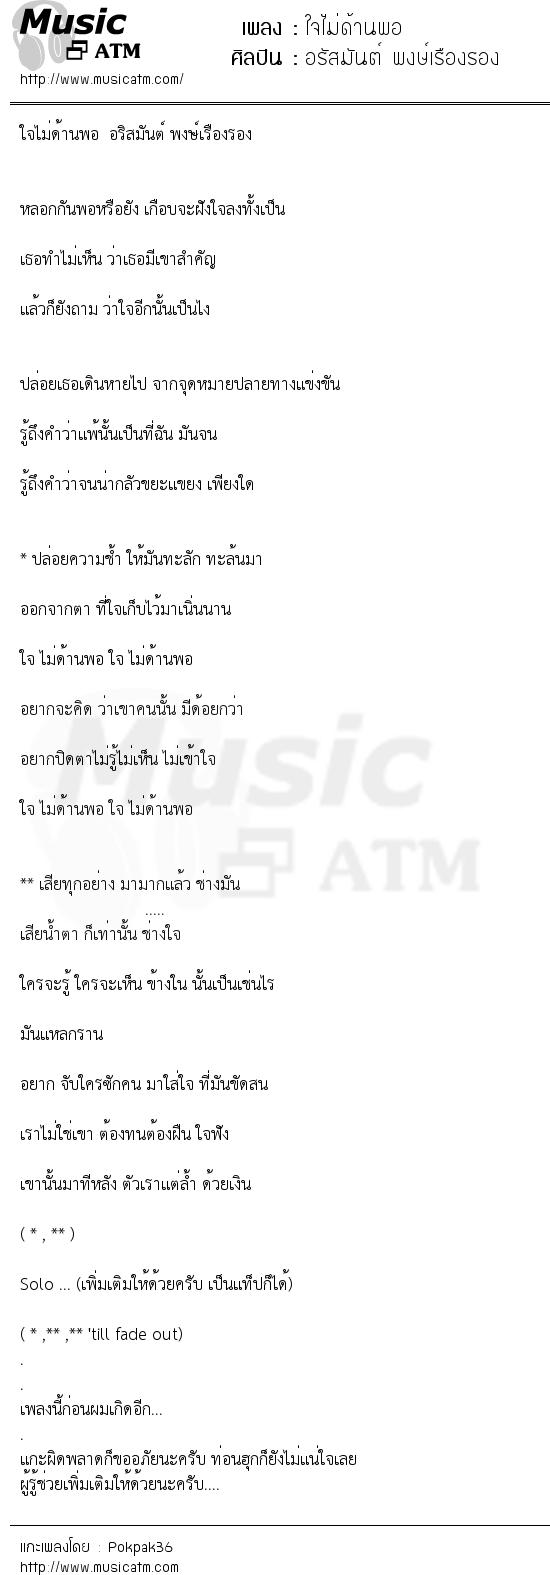 เนื้อเพลง ใจไม่ด้านพอ - อรัสมันต์ พงษ์เรืองรอง | เพลงไทย